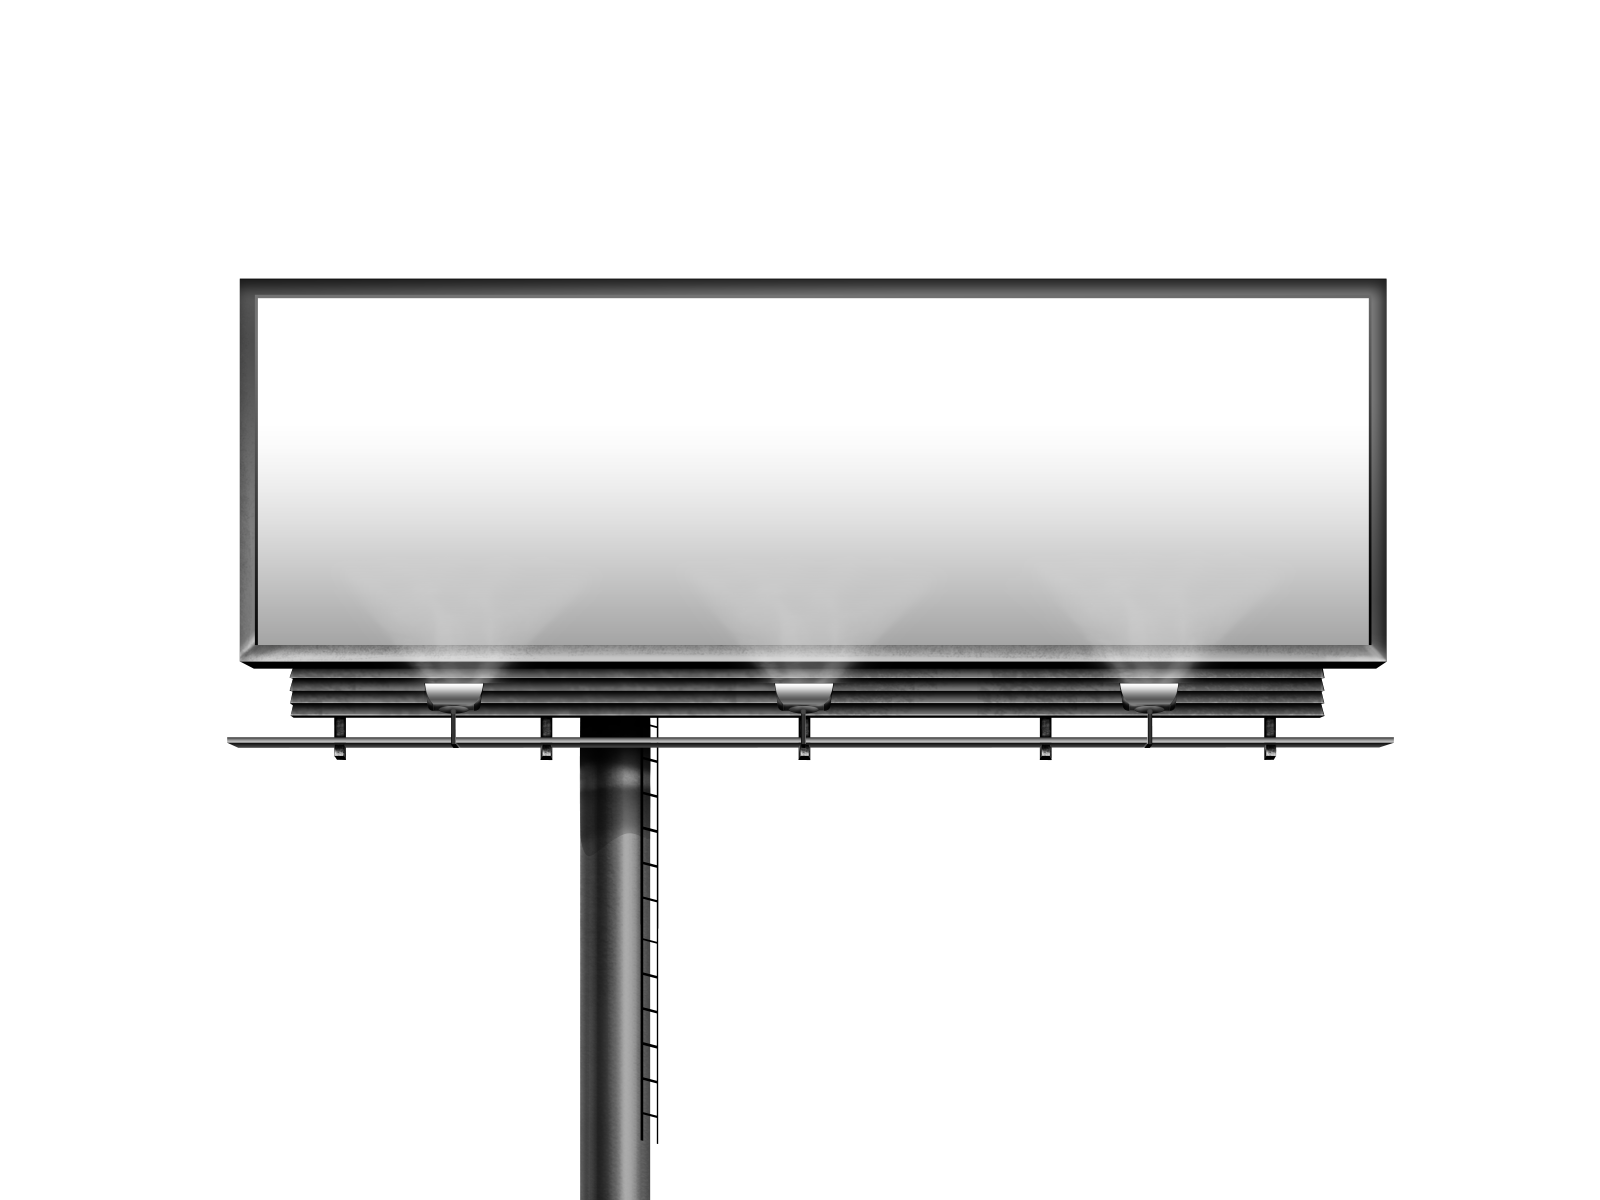 Billboard PNG Images Transparent Free Download.